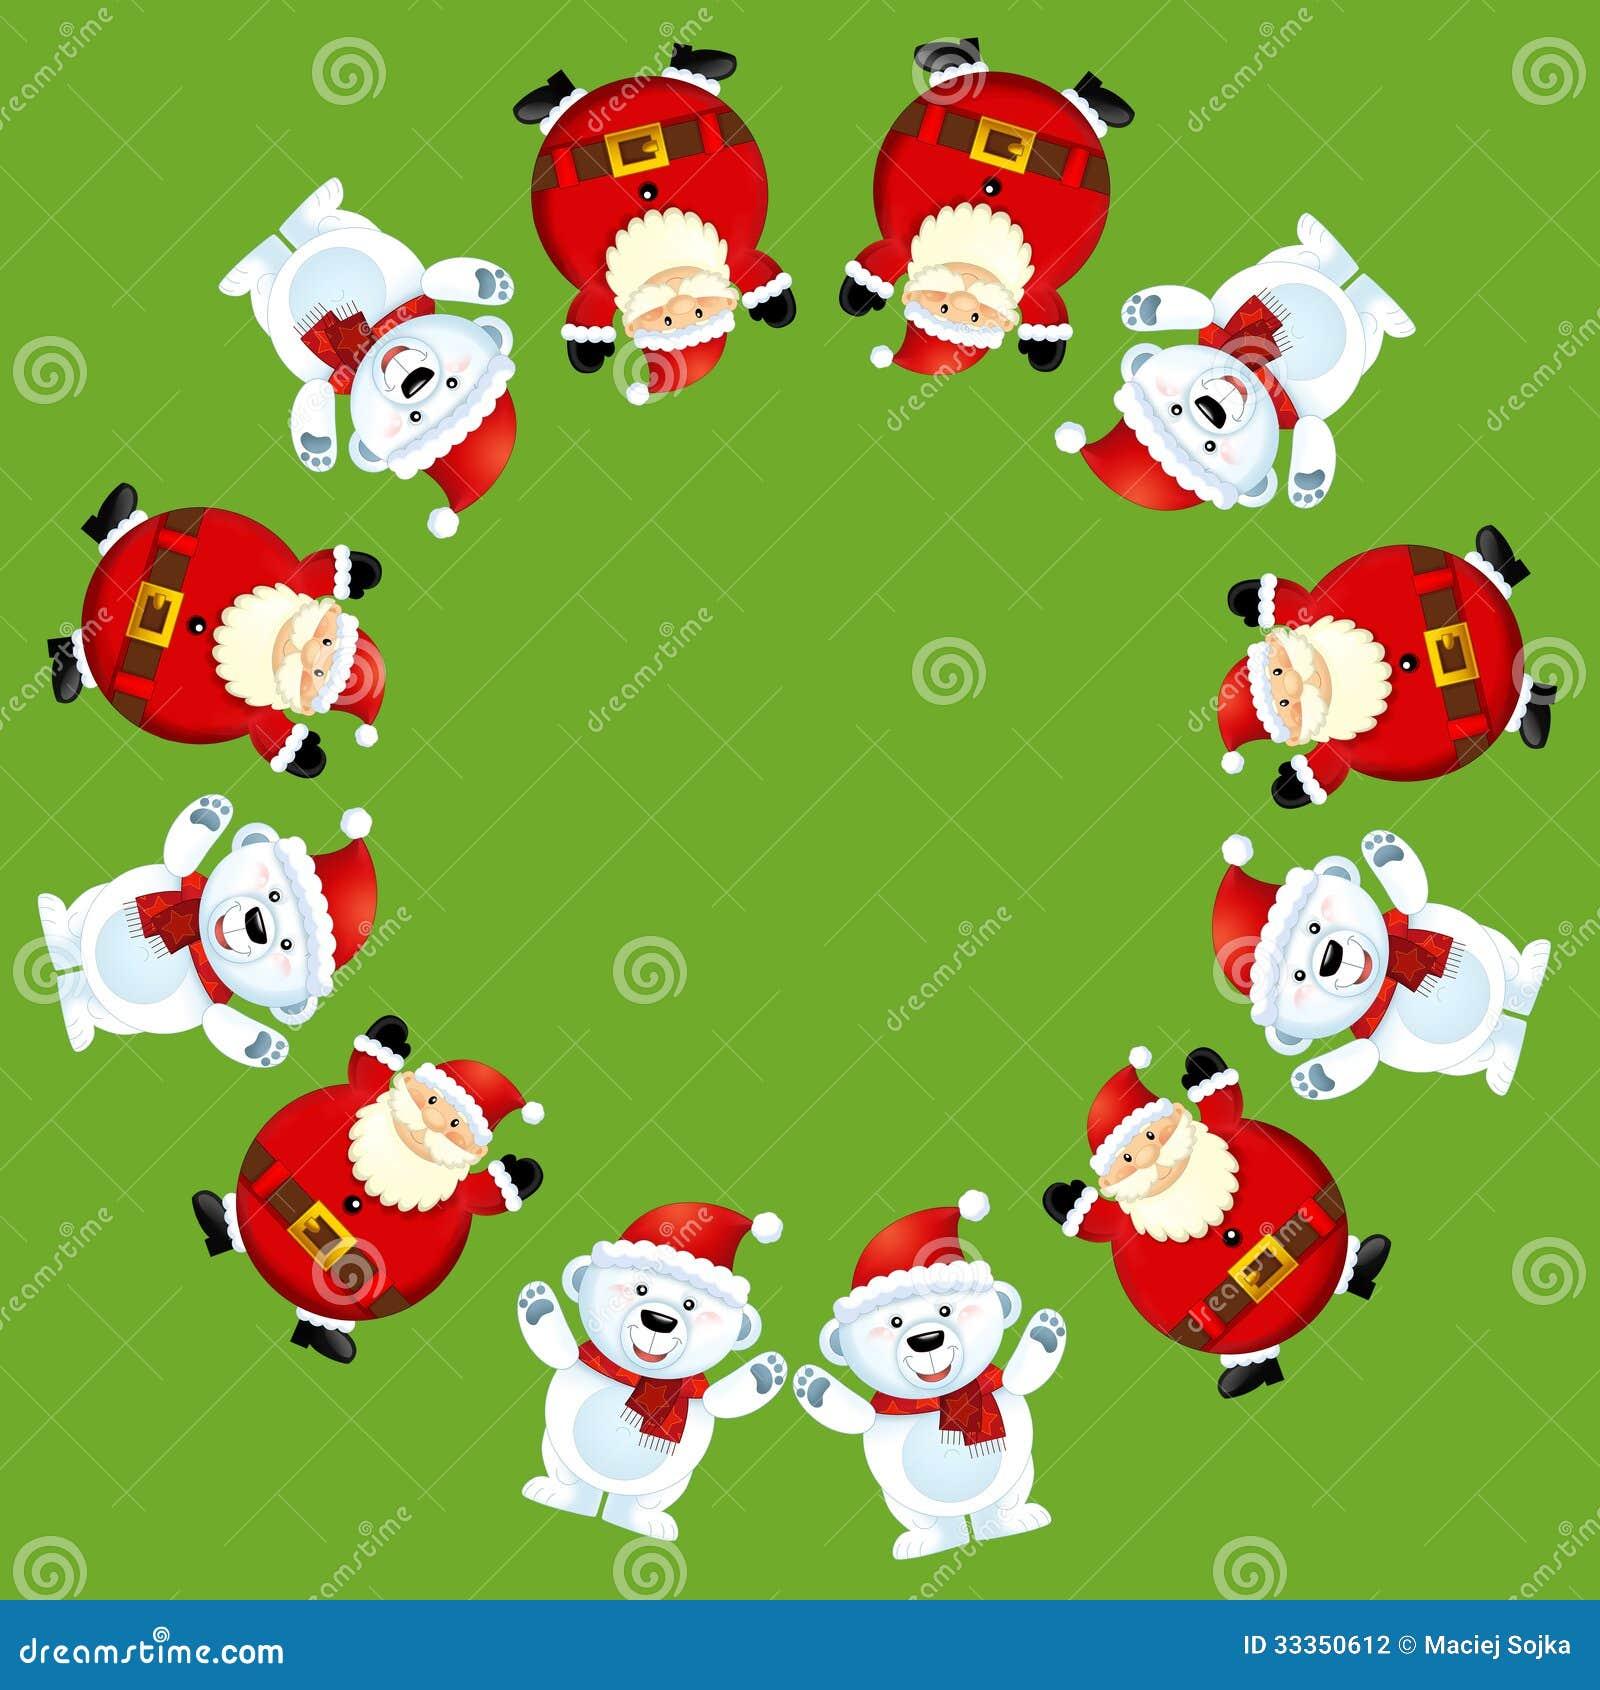 Weihnachtsbilder Tannenzweig.Das Weihnachtsbild Illustration Für Die Kinder Stock Abbildung